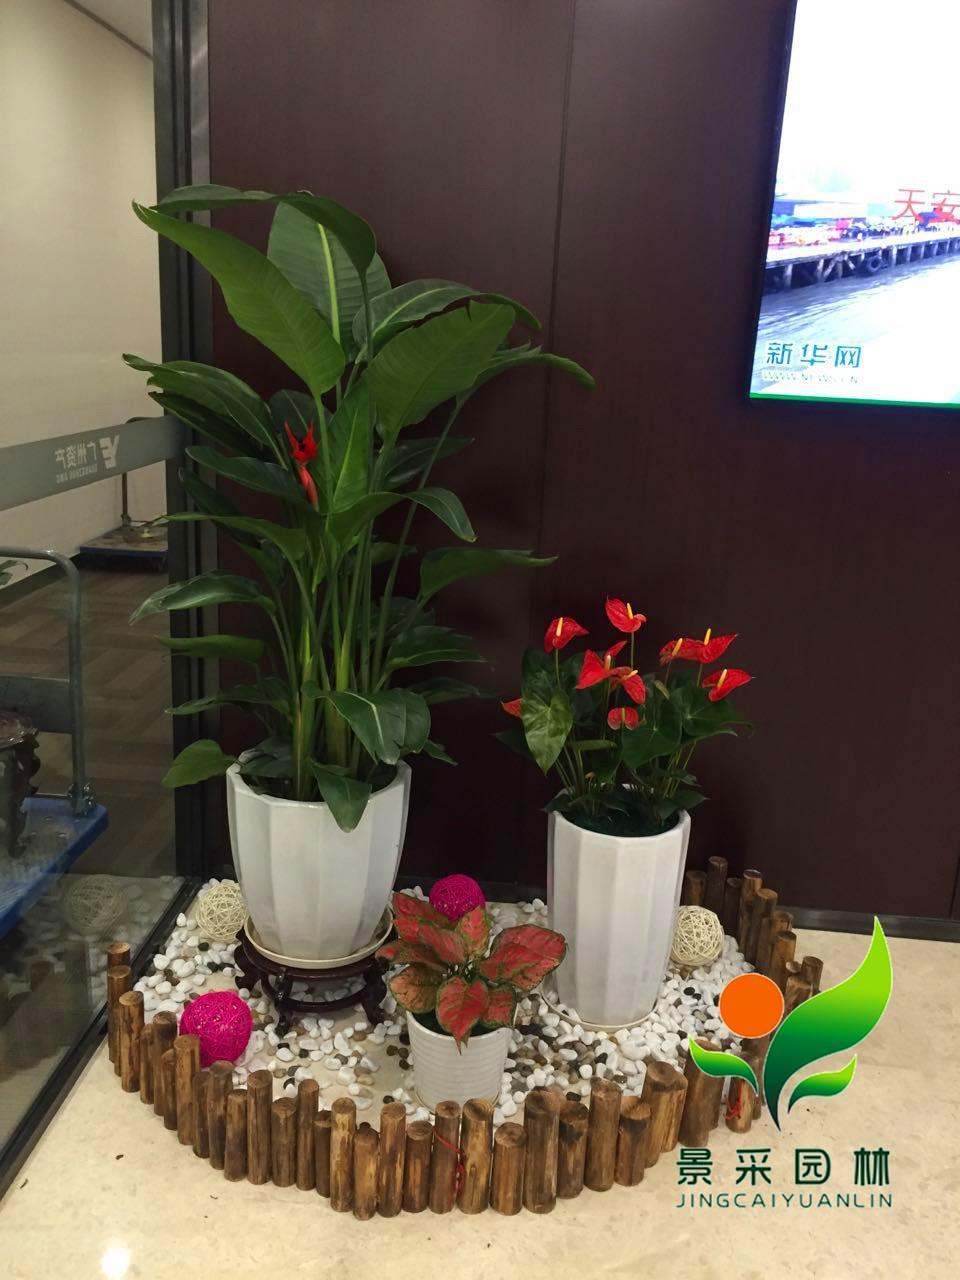 阴面办公室养什么植物